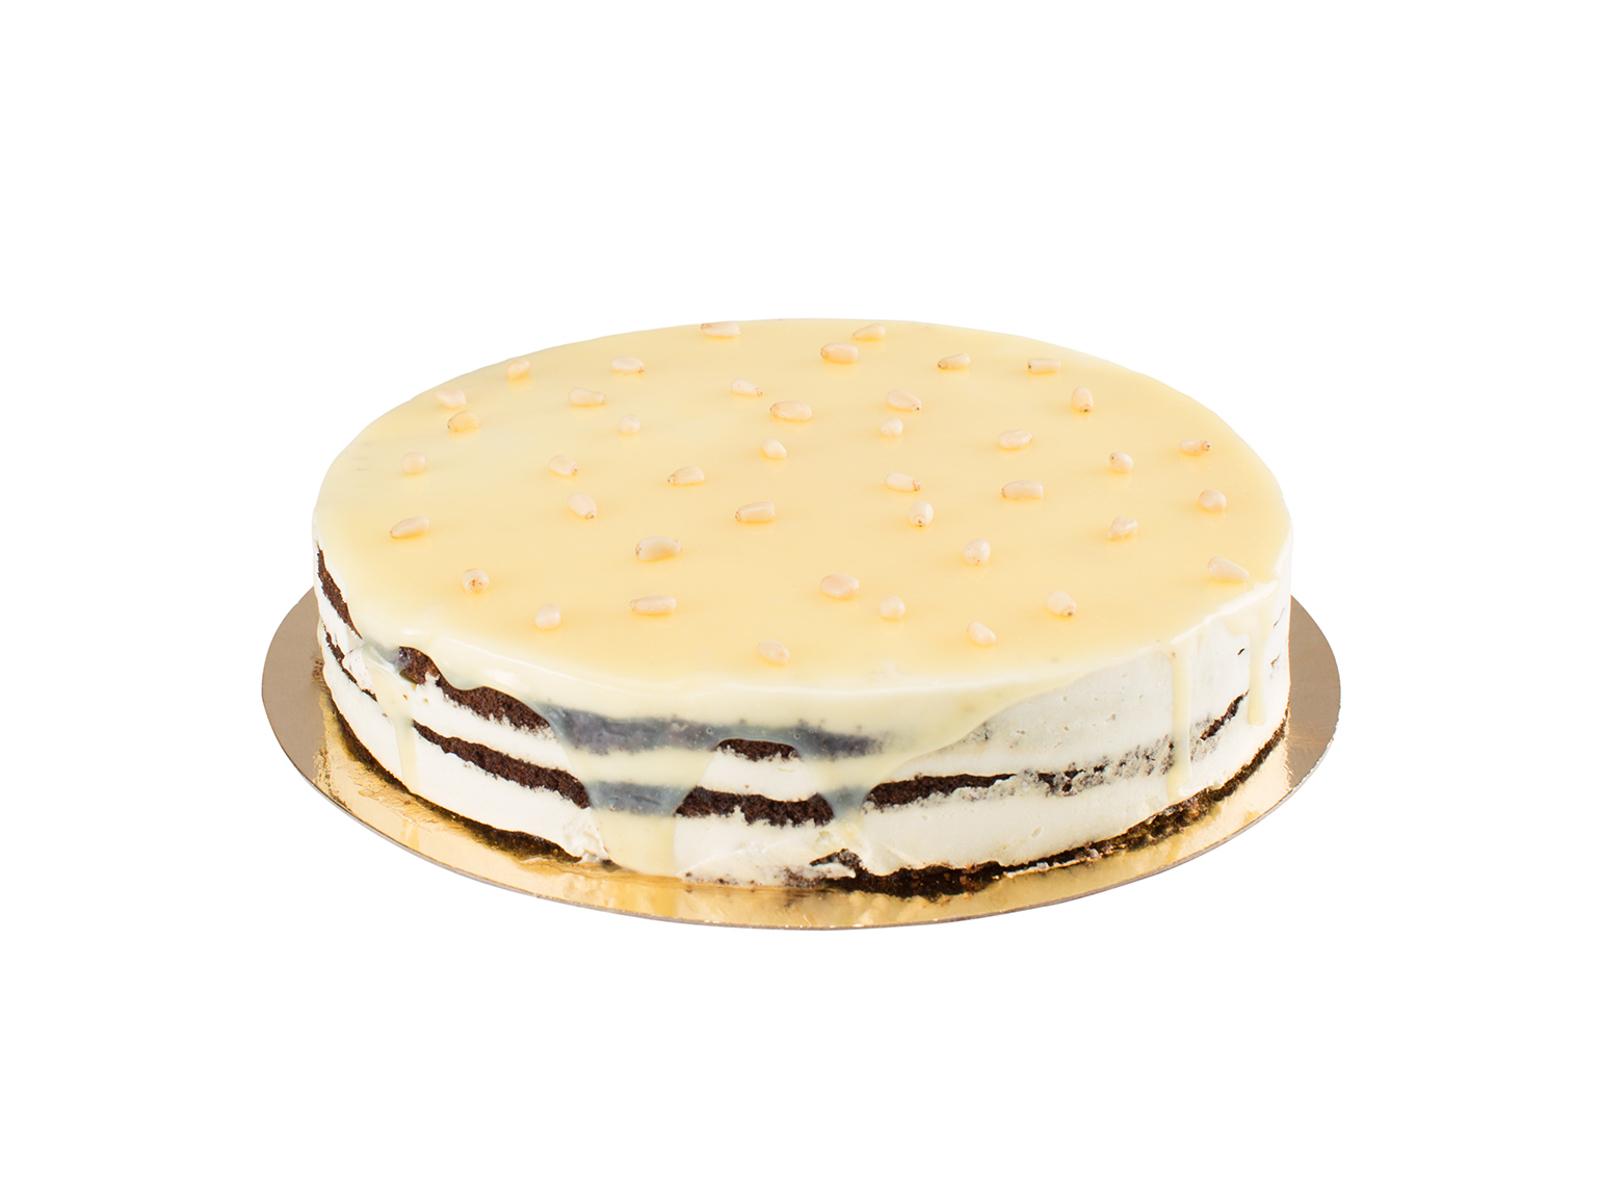 Порция Черёмухового торта